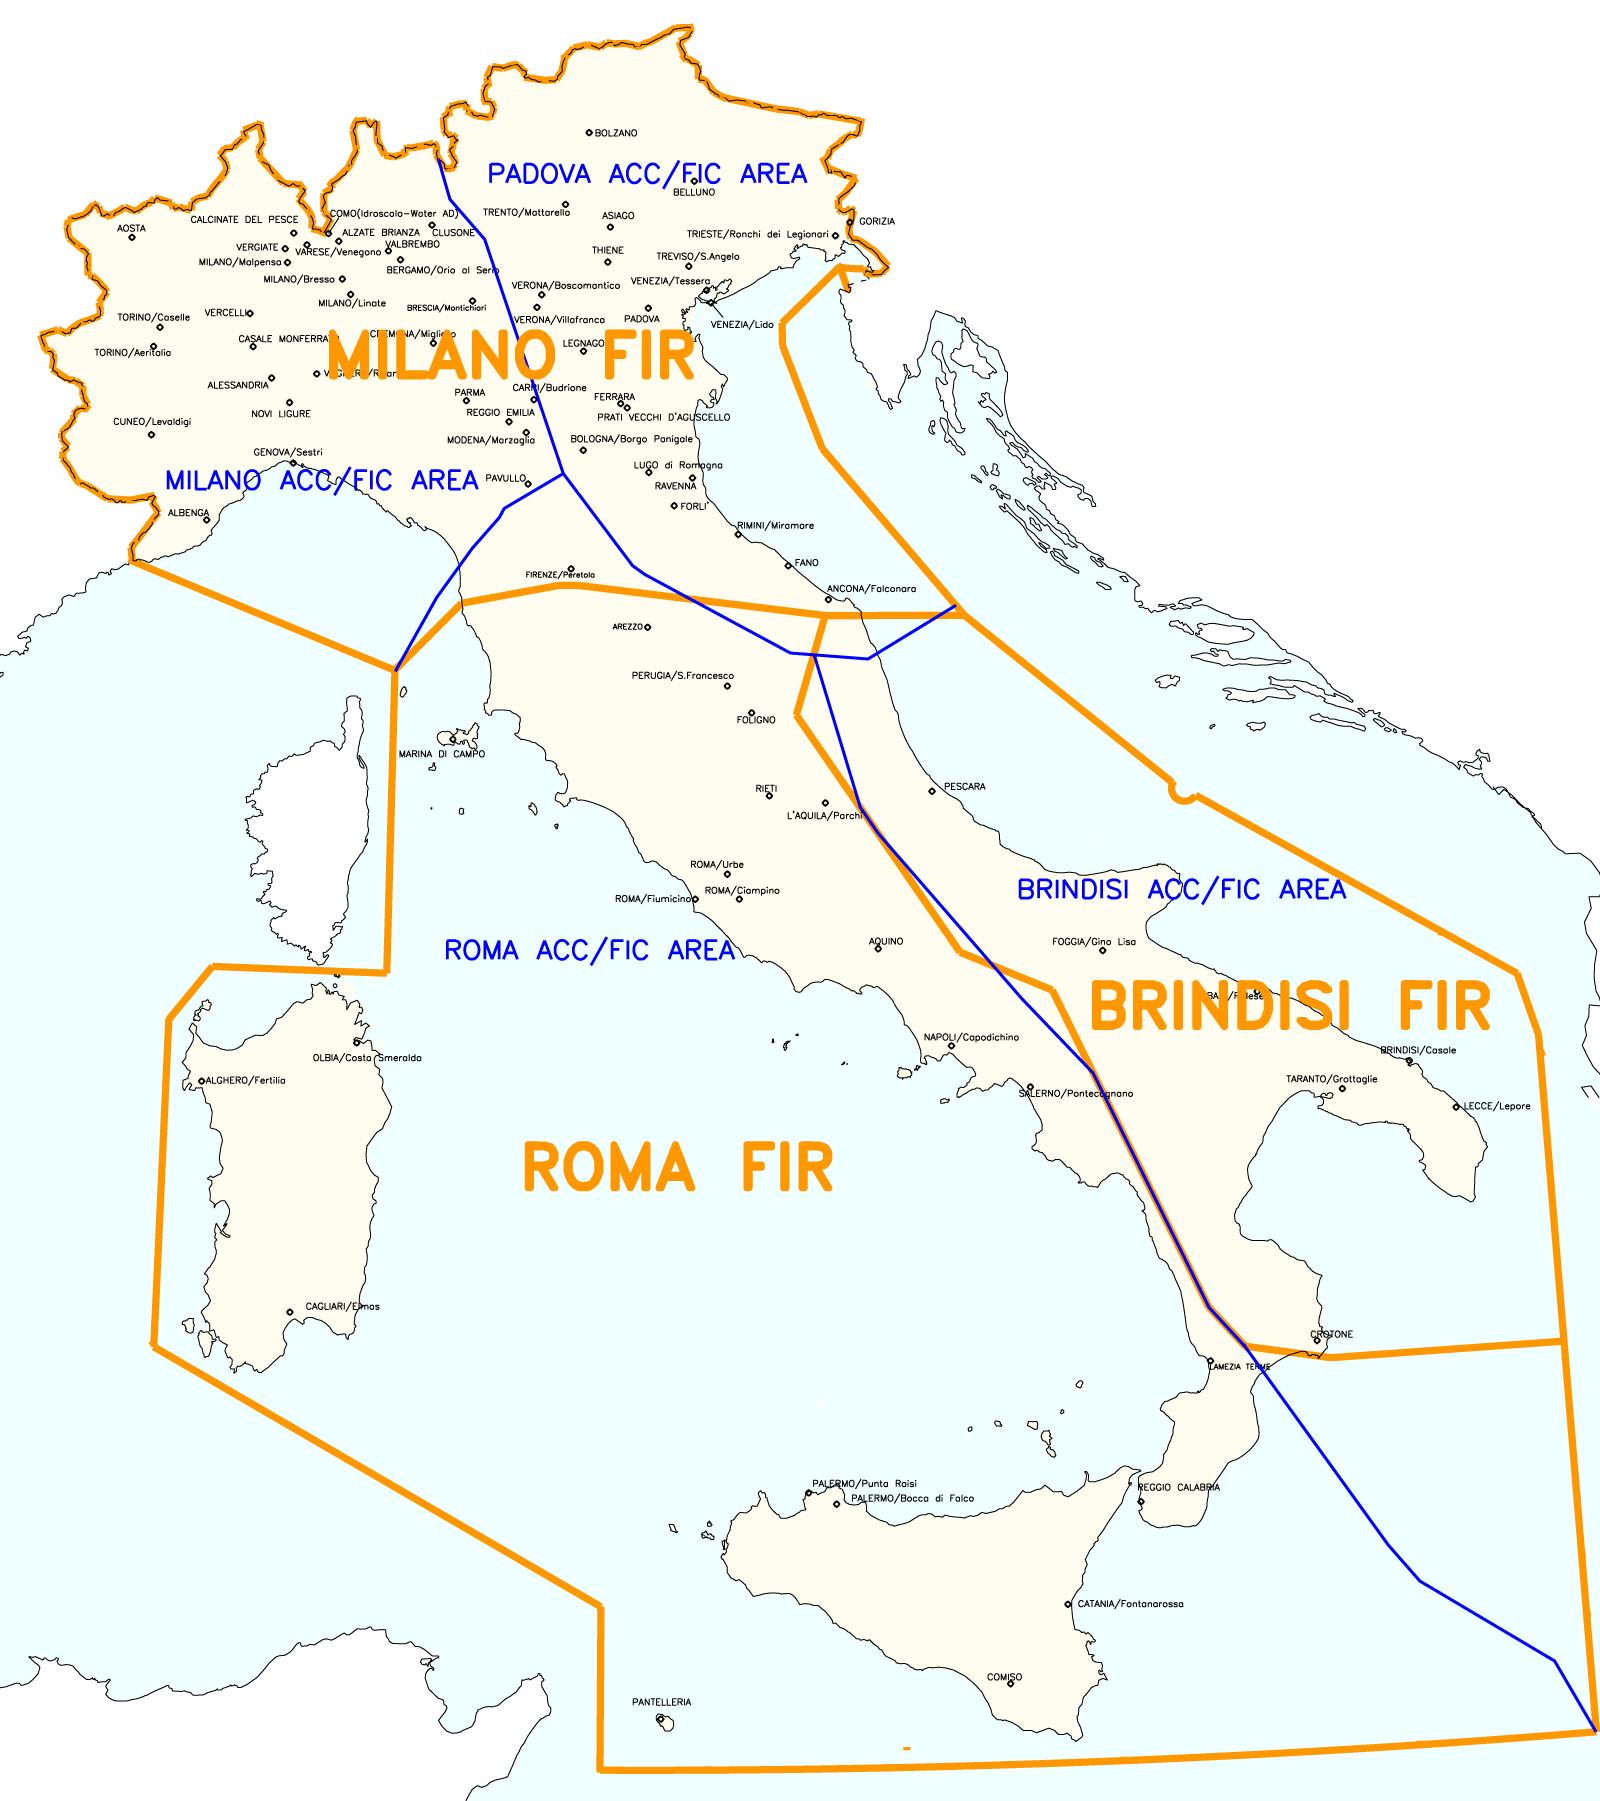 Cartina Atc Sicilia.Struttura E Classificazione Dello Spazio Aereo Italiano Desk Aeronautico